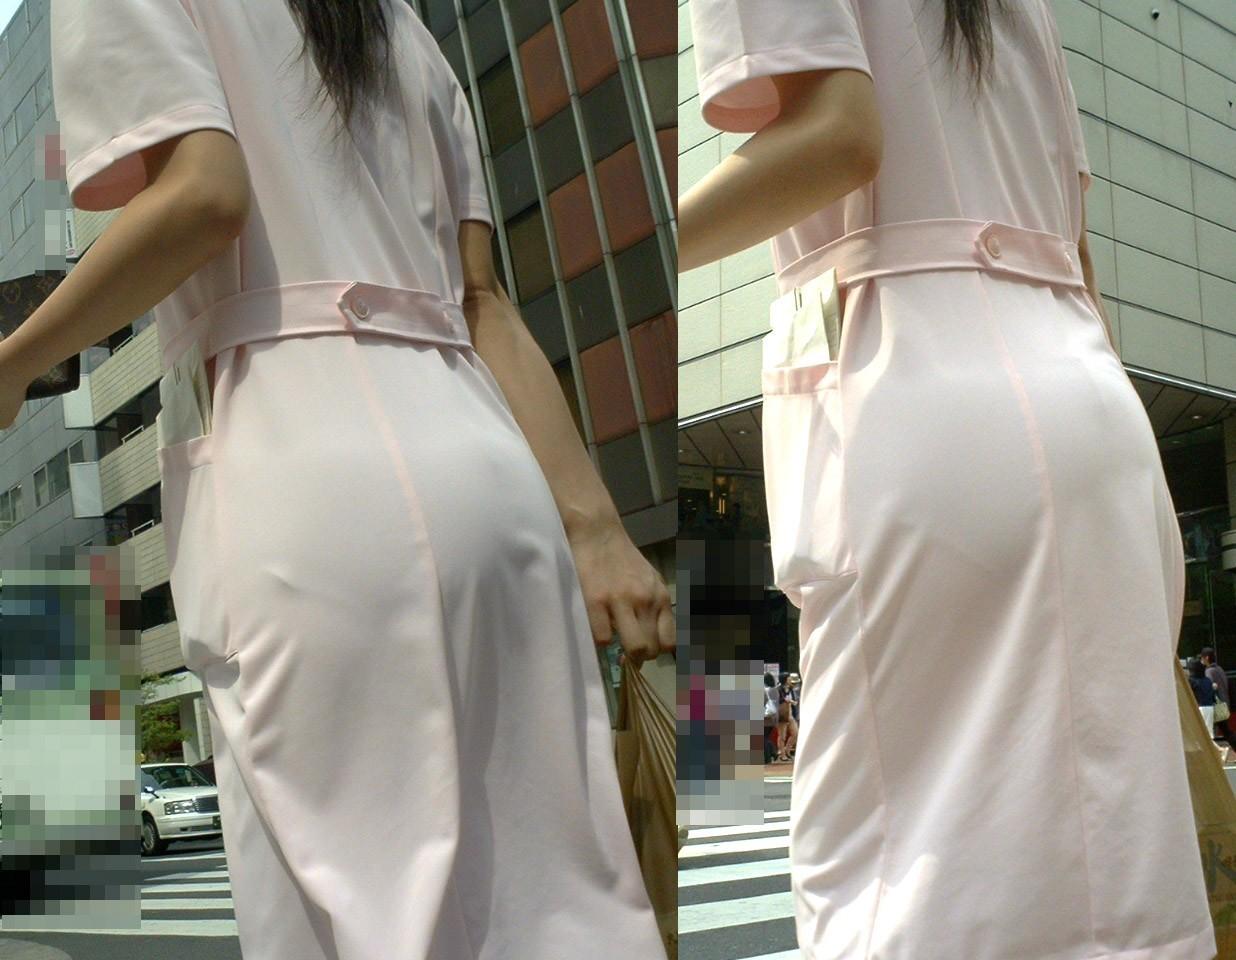 【ナースエロ画像】鉄壁の白衣でもなかったりする看護師たちの下着透けwww 09